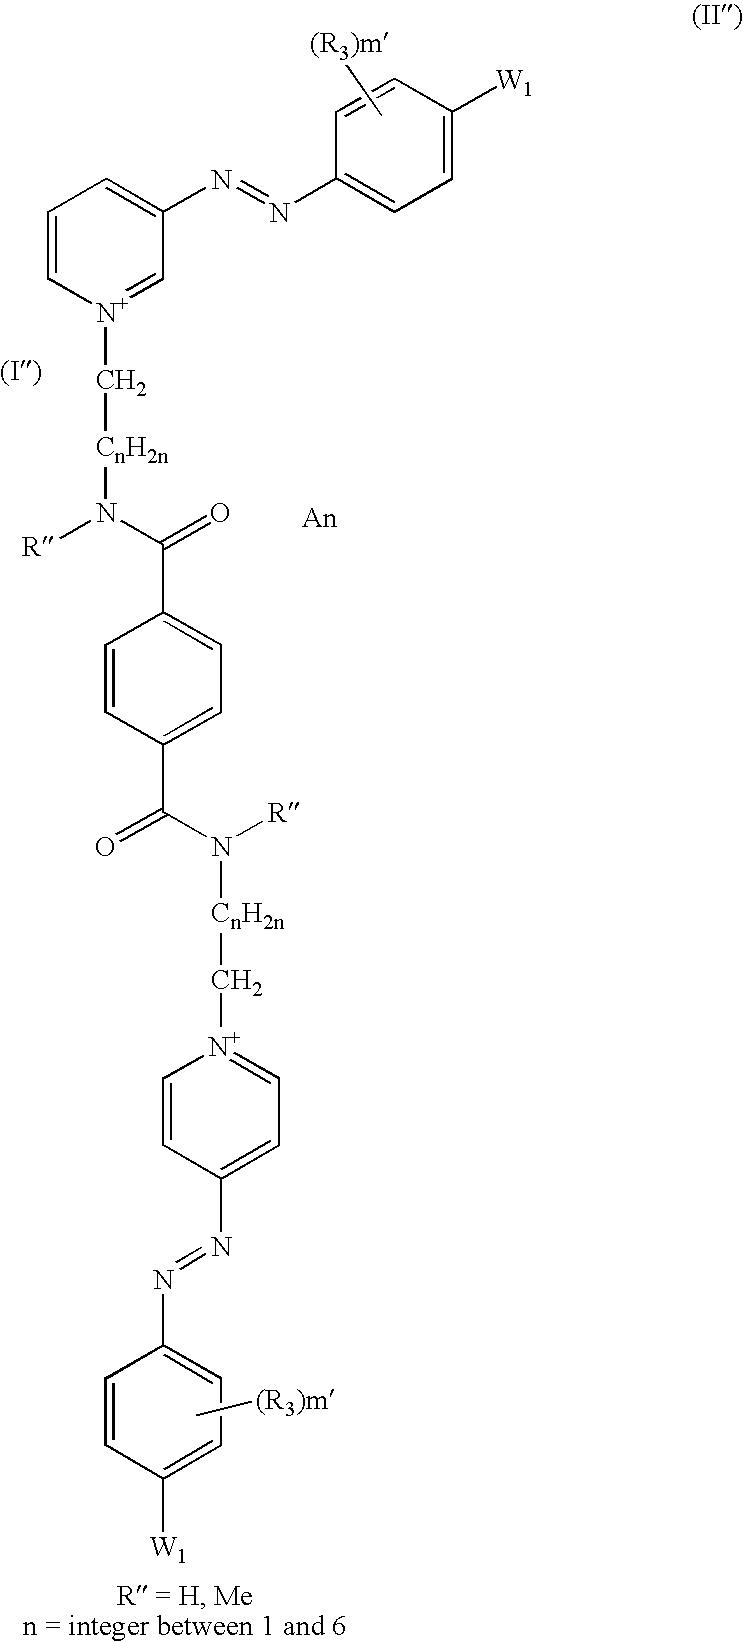 Figure US07288639-20071030-C00009